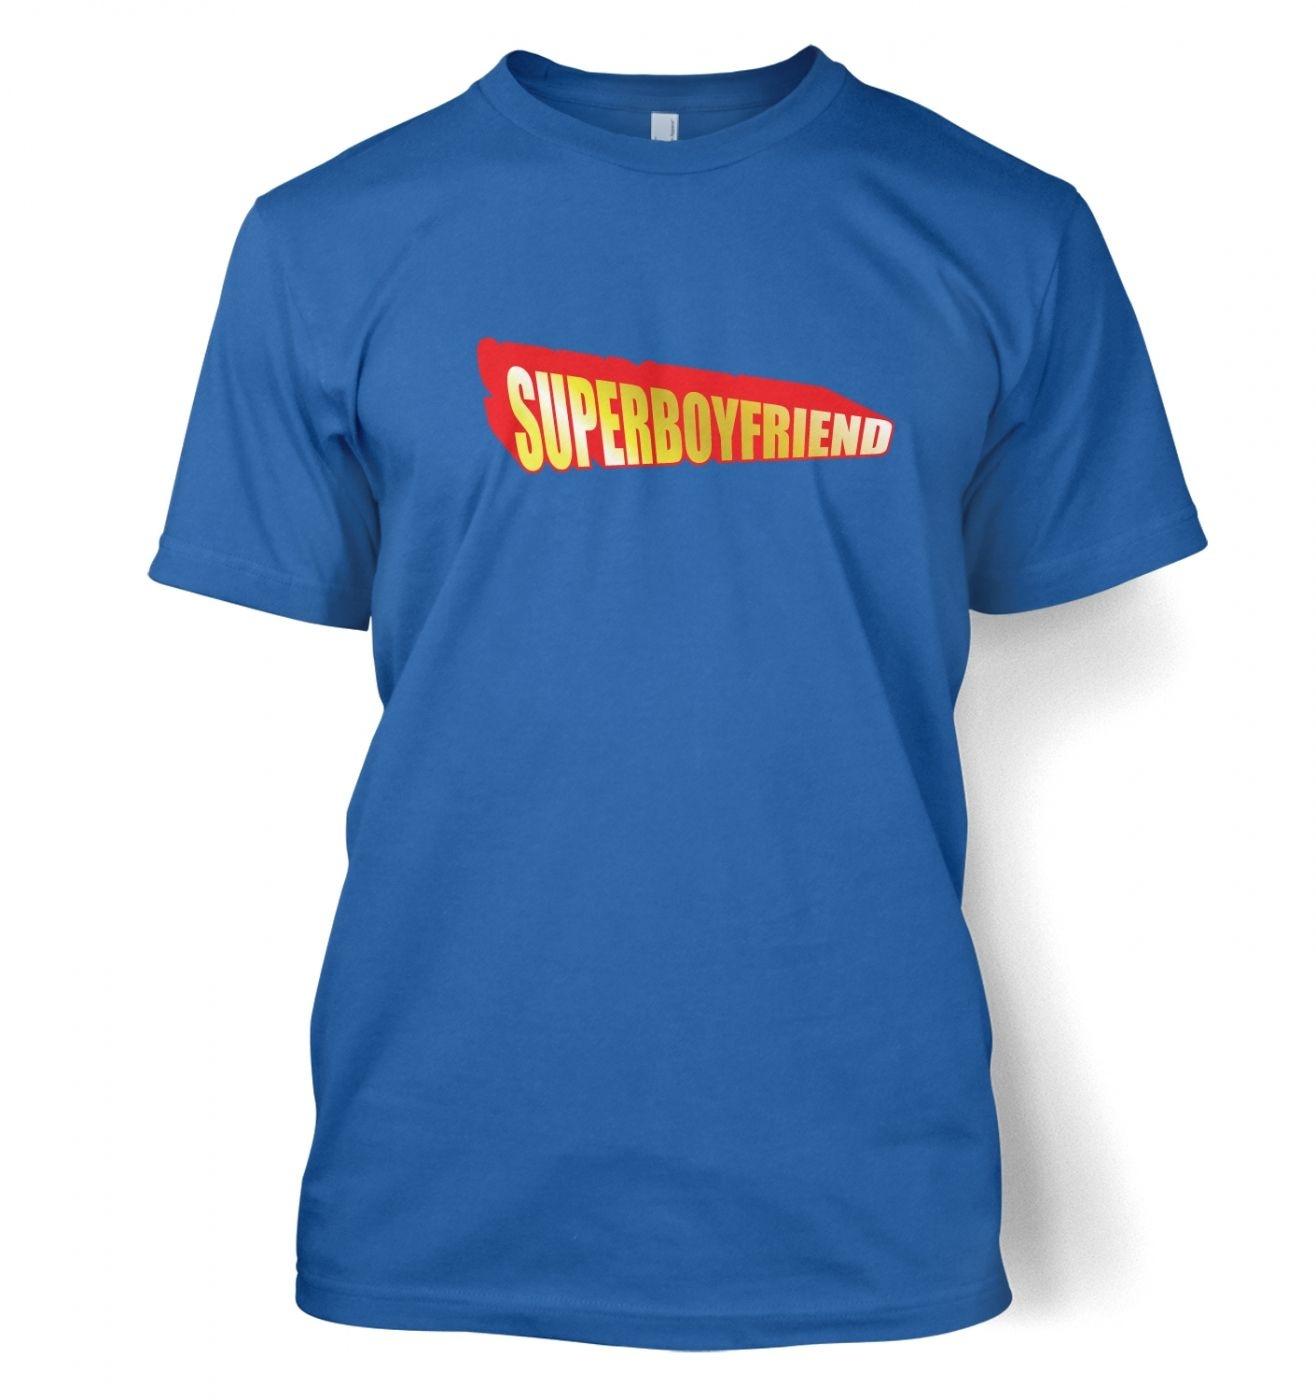 Superboyfriend t-shirt